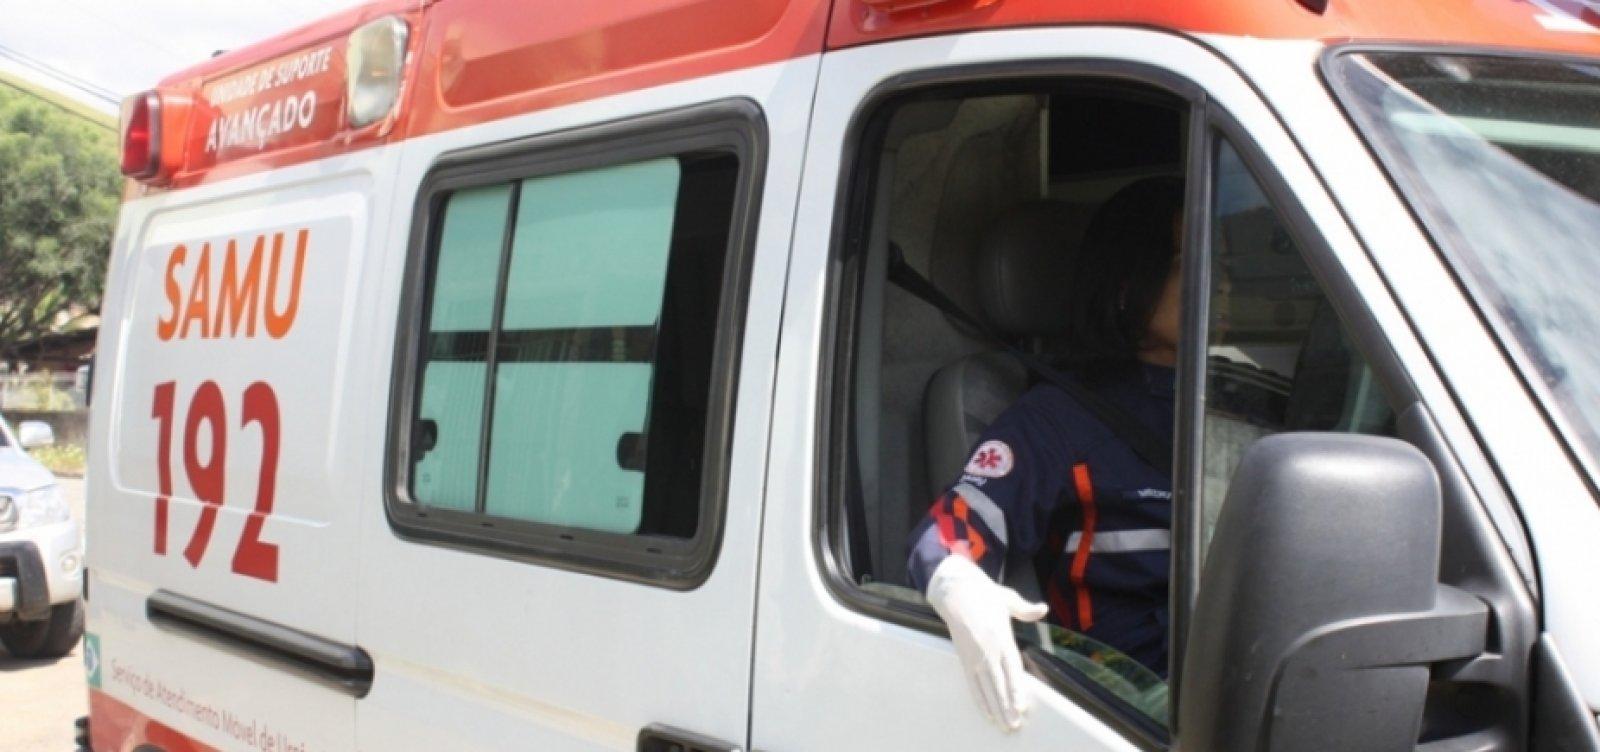 Funcionários do Samu denunciam 'material de segunda' e coações durante trabalho na pandemia